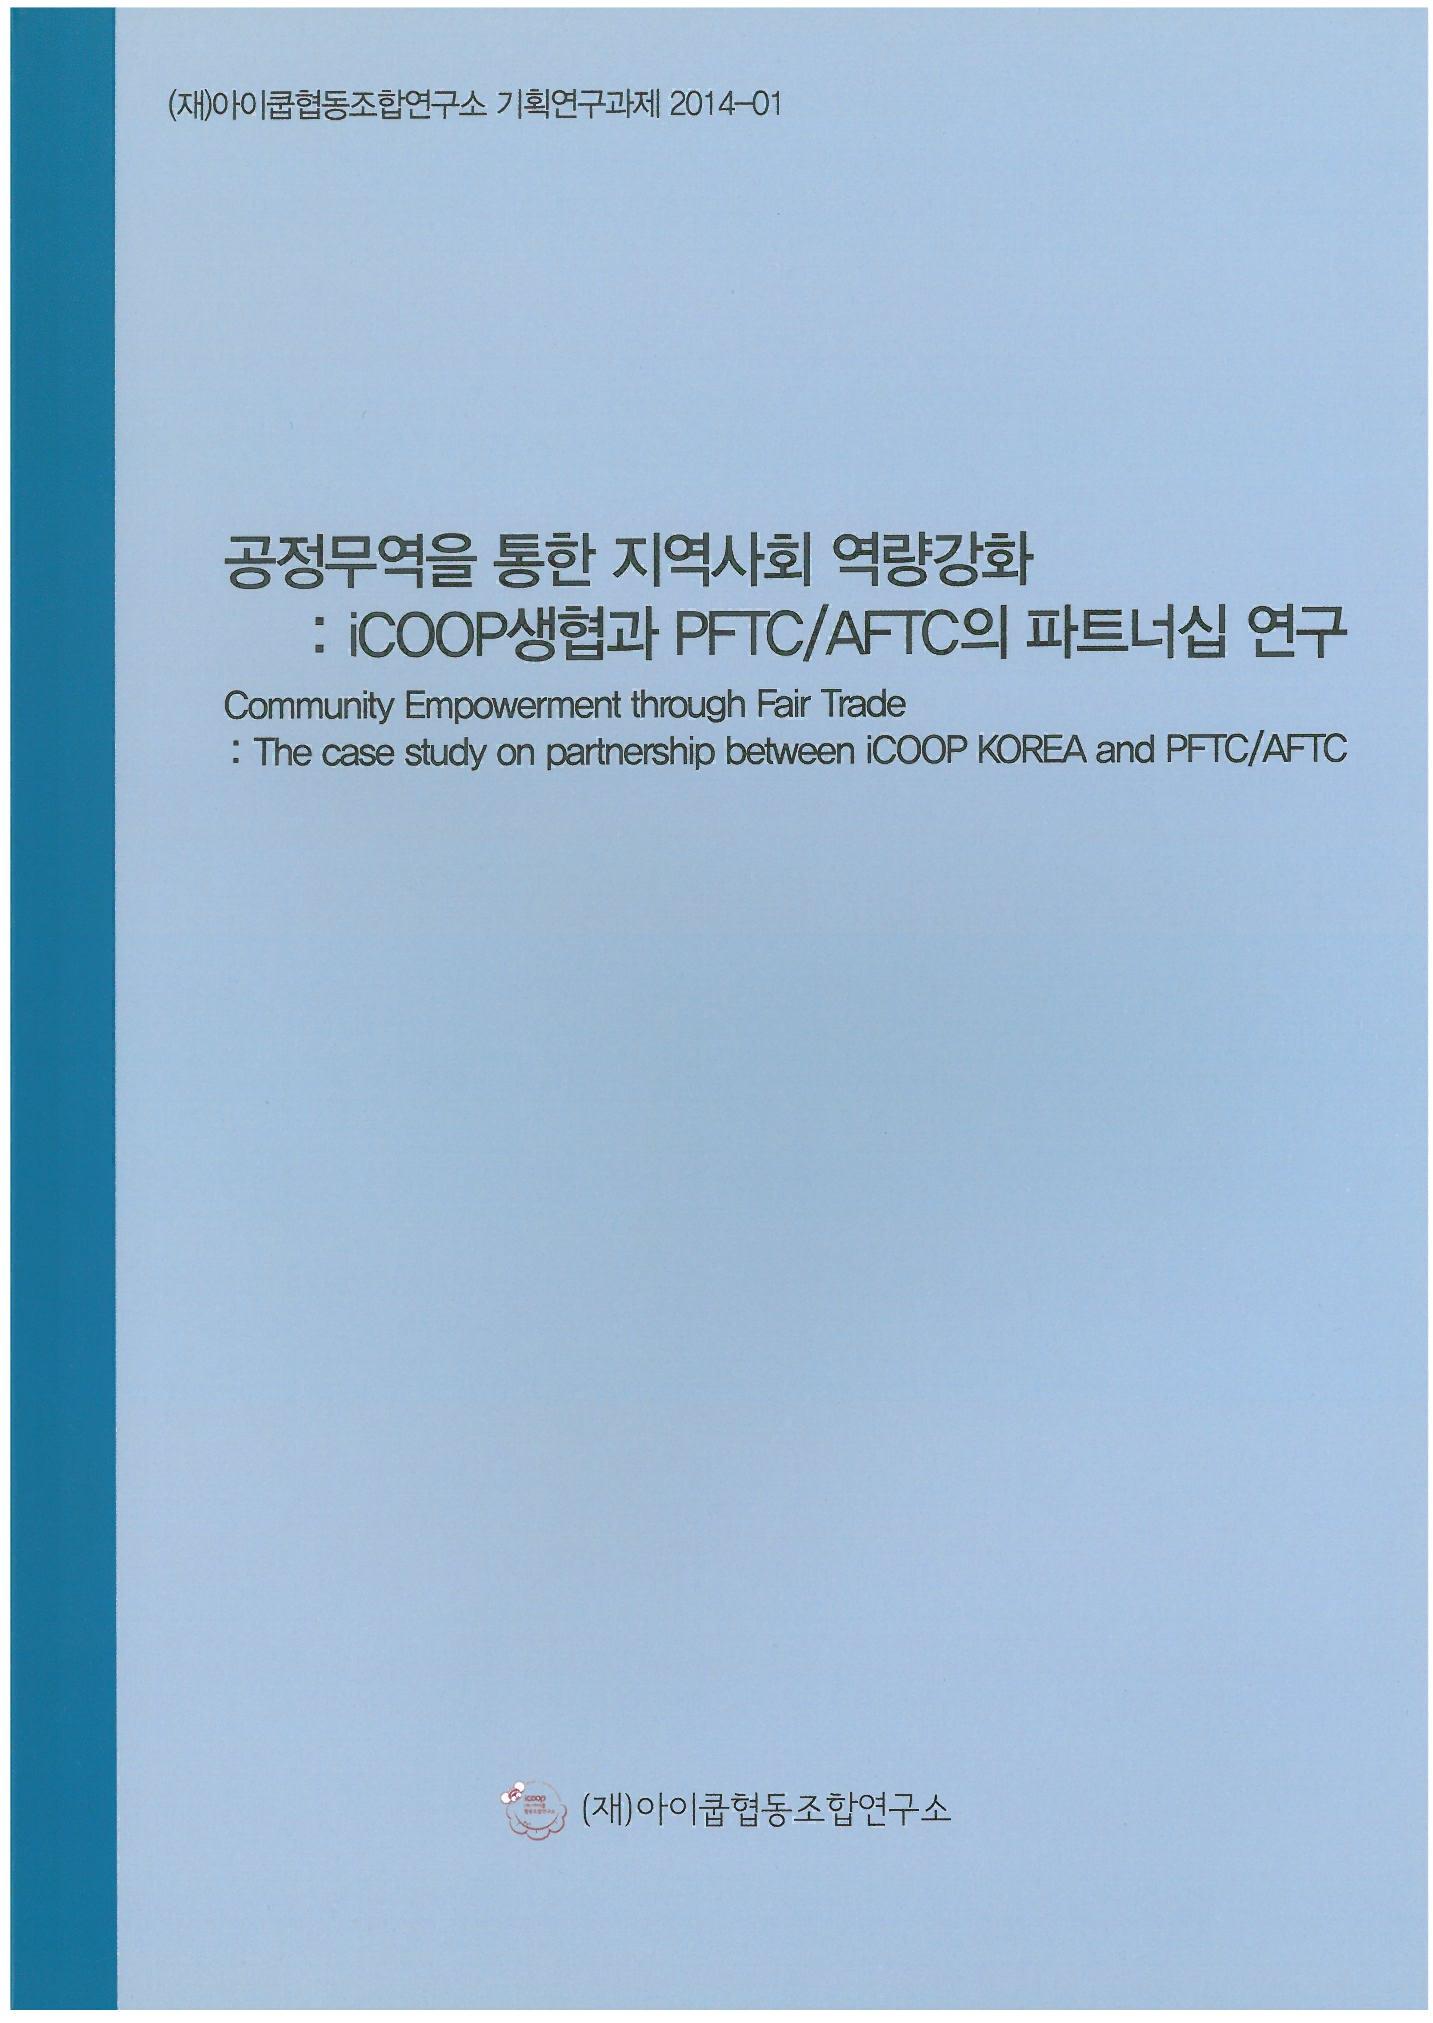 130_『공정무역을 통한 지역사회 역량강화  iCOOP생협과 PFTCAFTC의 파트너십 연구』,(엄은희)_표지.jpg